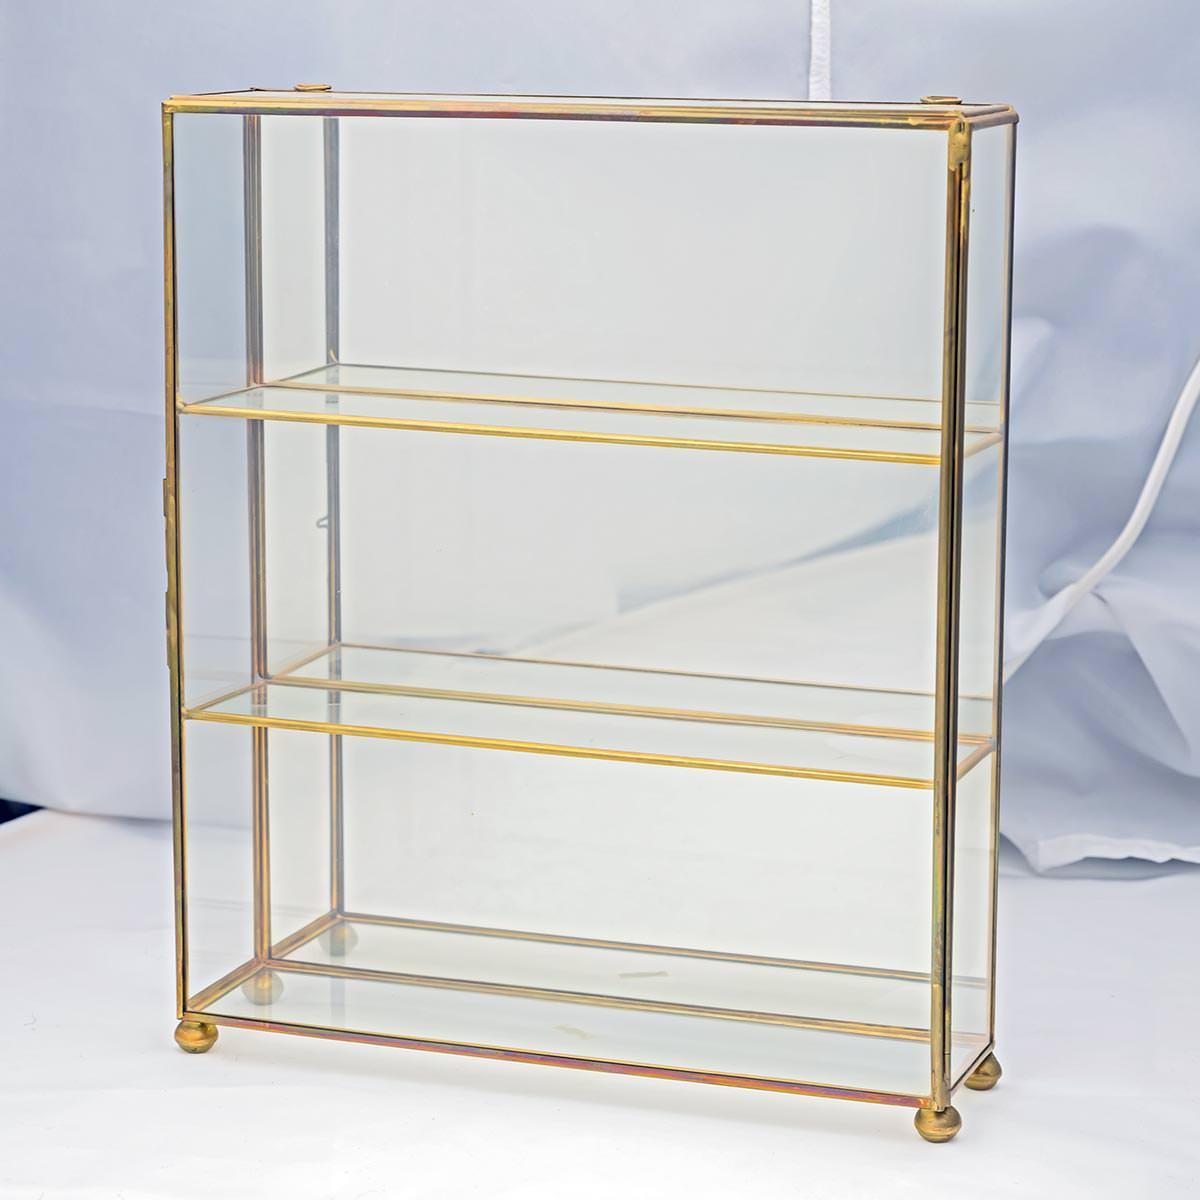 d85 1572 vitrine laiton verre objets vendre antiquit s bonnes affaires occasions de. Black Bedroom Furniture Sets. Home Design Ideas